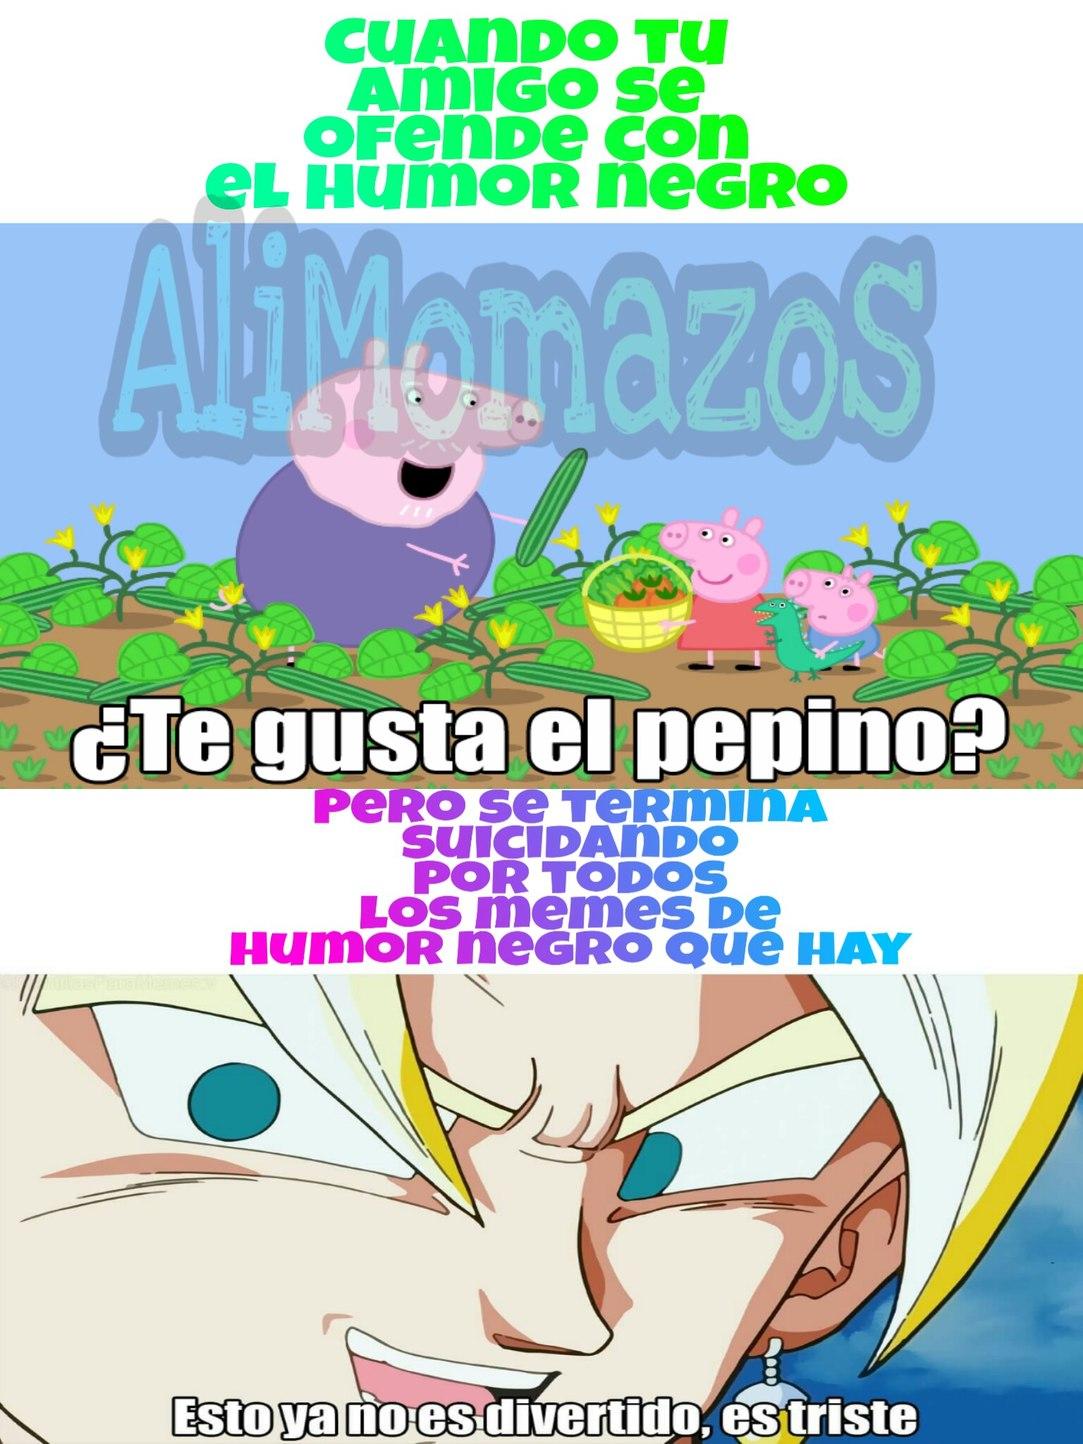 Martín sad :genius: todo bien en memedroid? :happy: